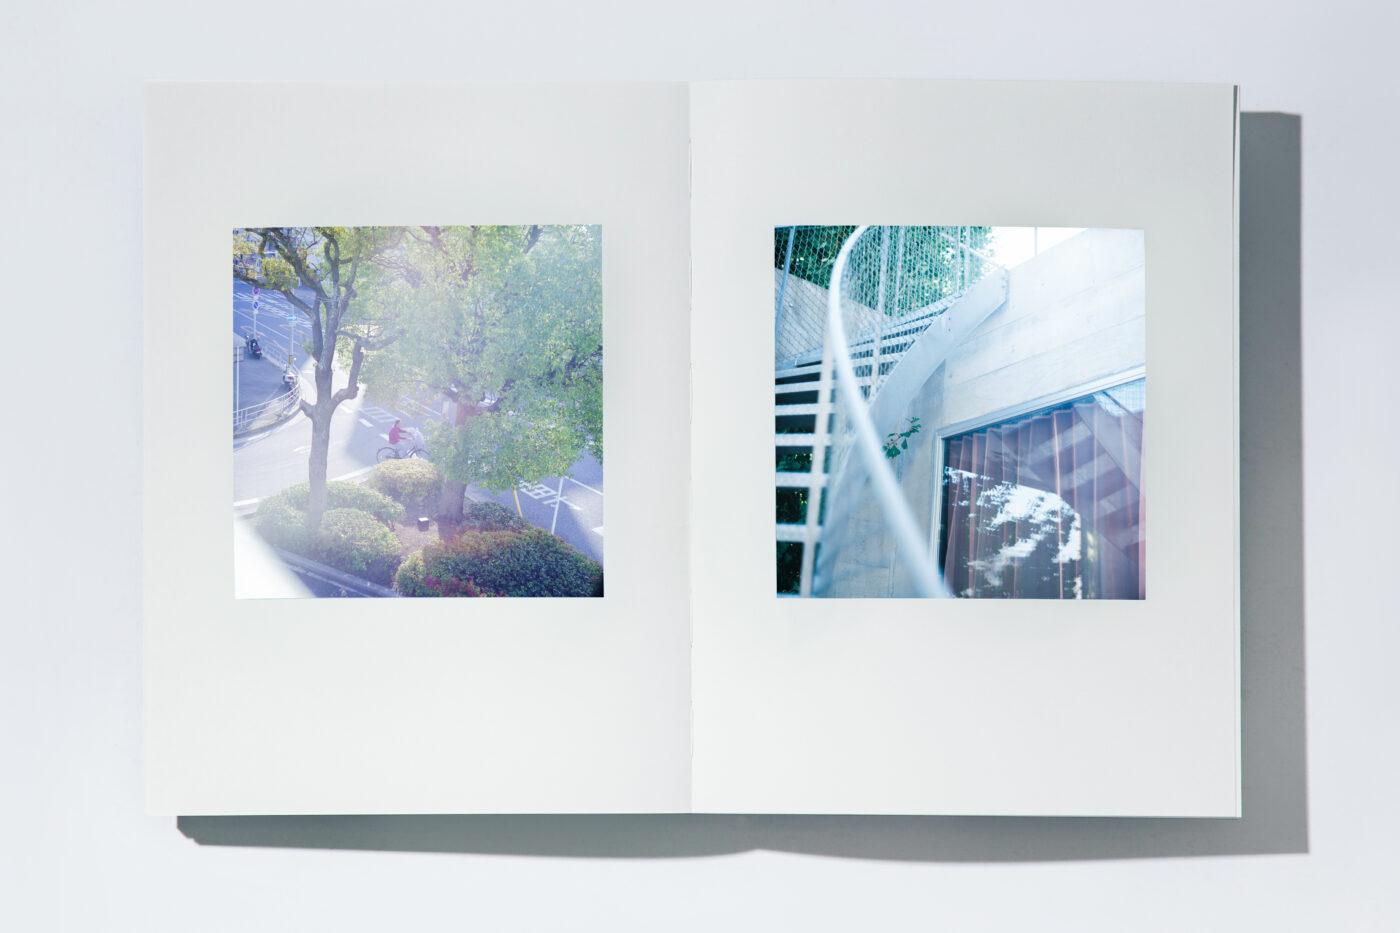 建築写真家・大竹央祐が此花のThe Blend Innと周辺のまちなみをとらえた初の写真集『Beyond Inn Out』、烽火書房より発行。